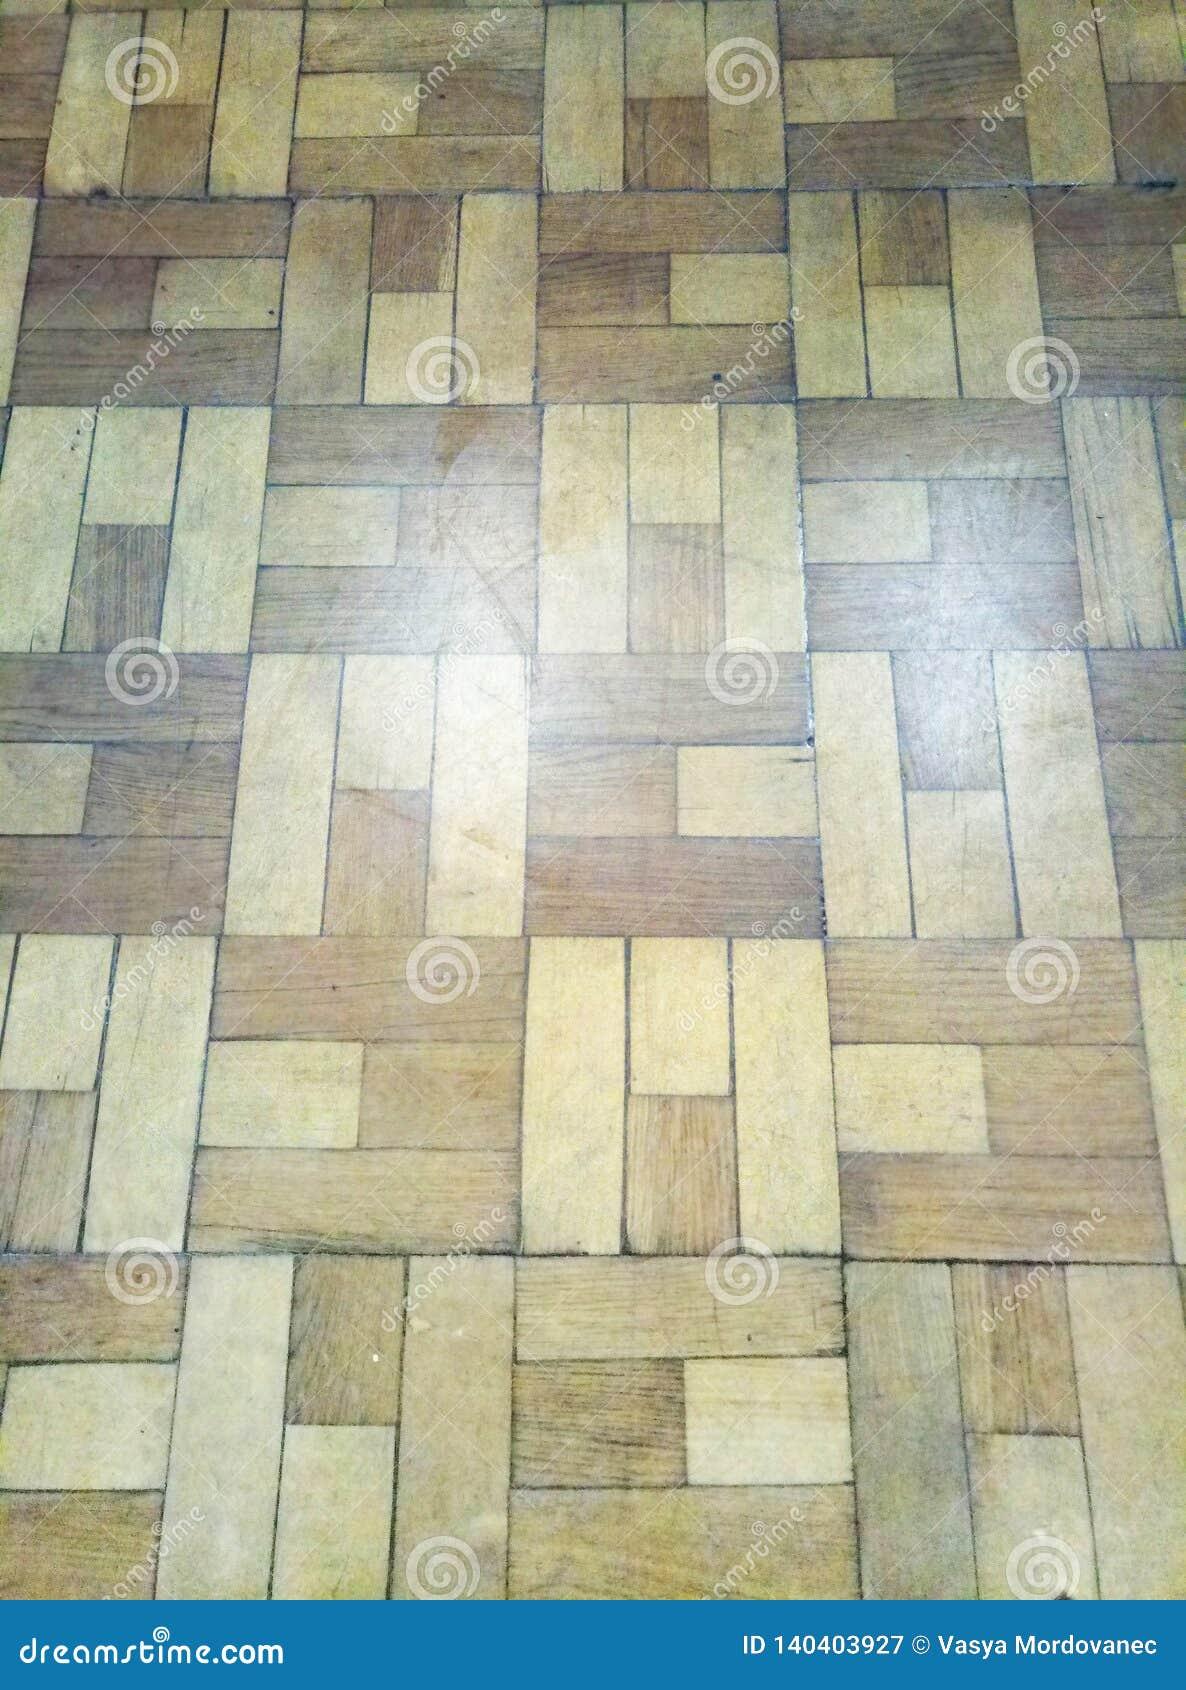 Wooden boards. Parquet texture